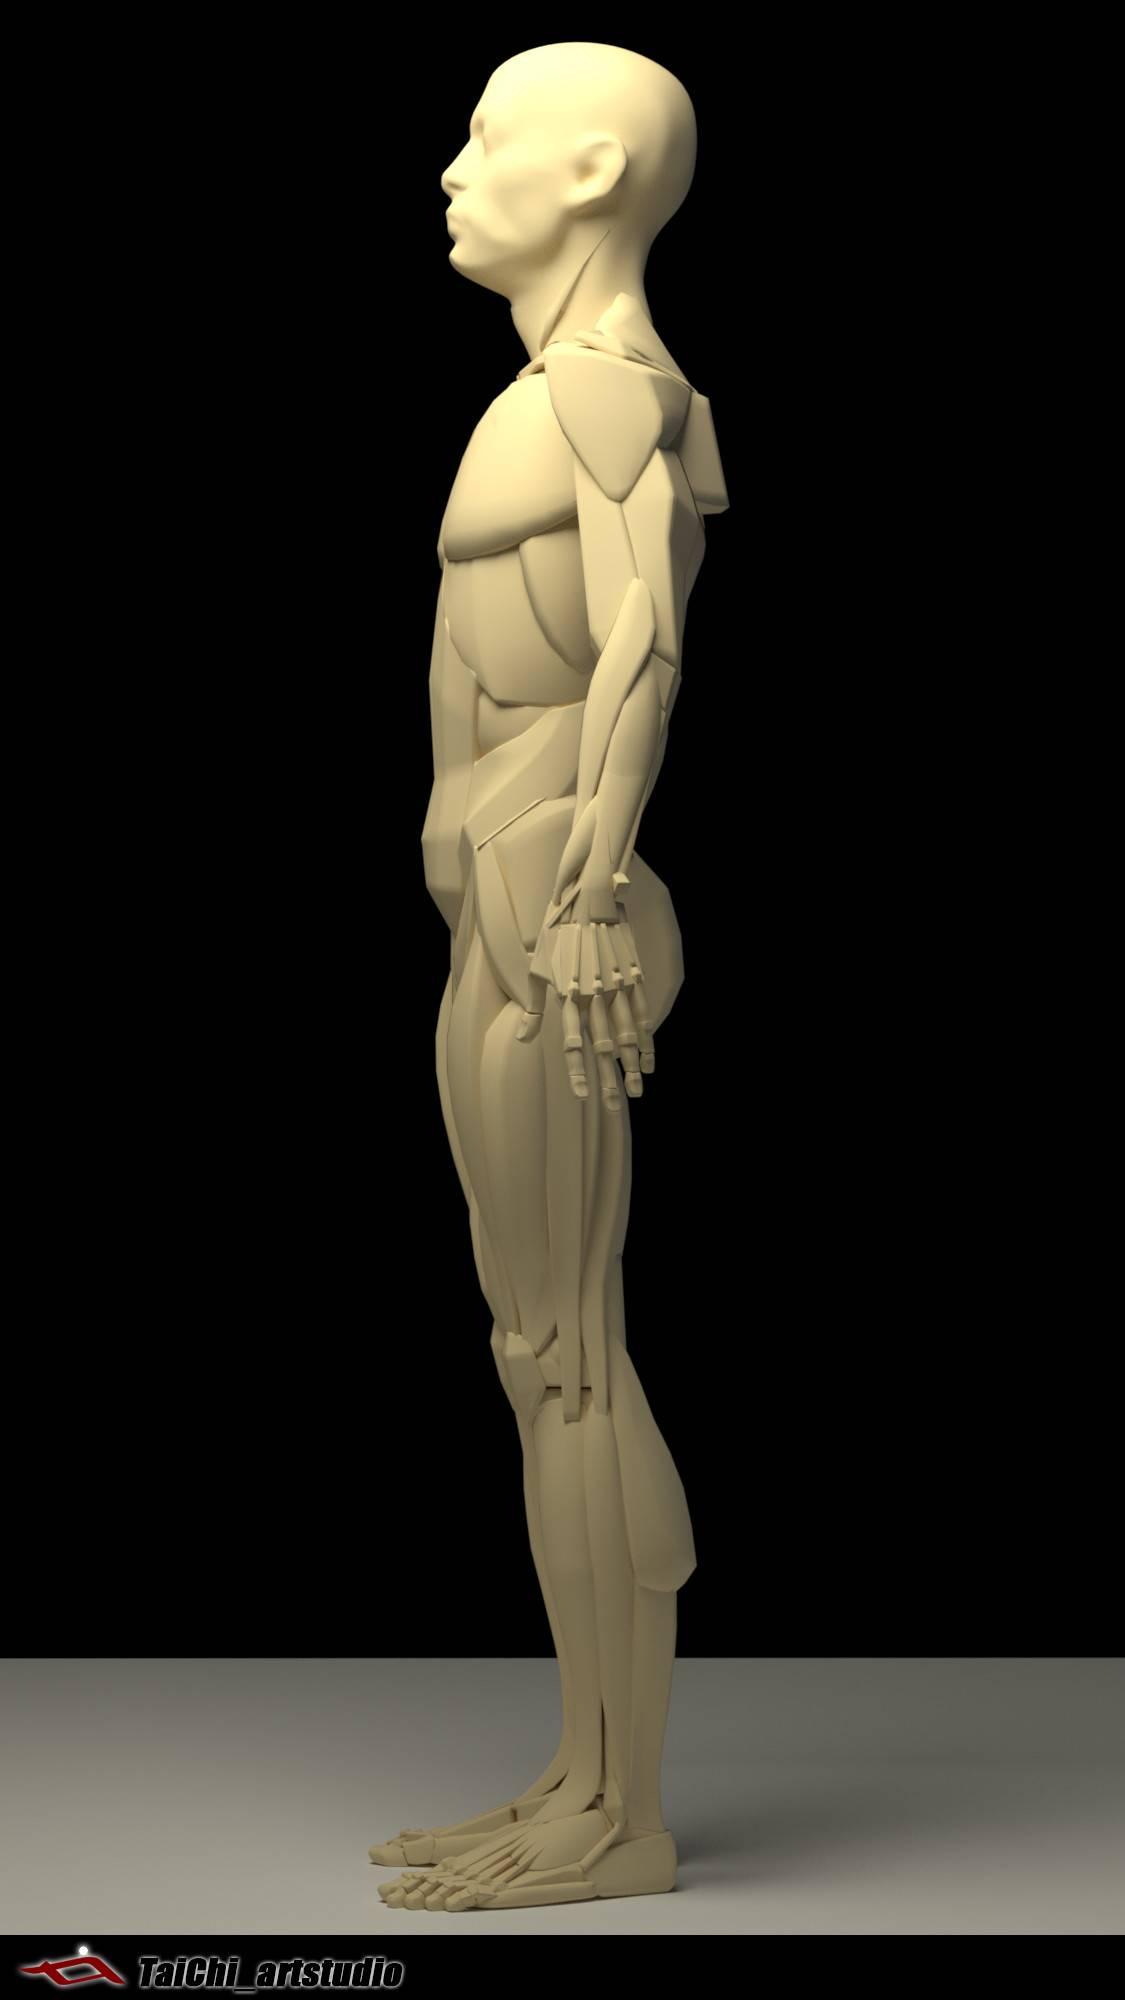 非常不错的人体分面图,美术练习的好东西! - R 站 学习使我快乐! - 17